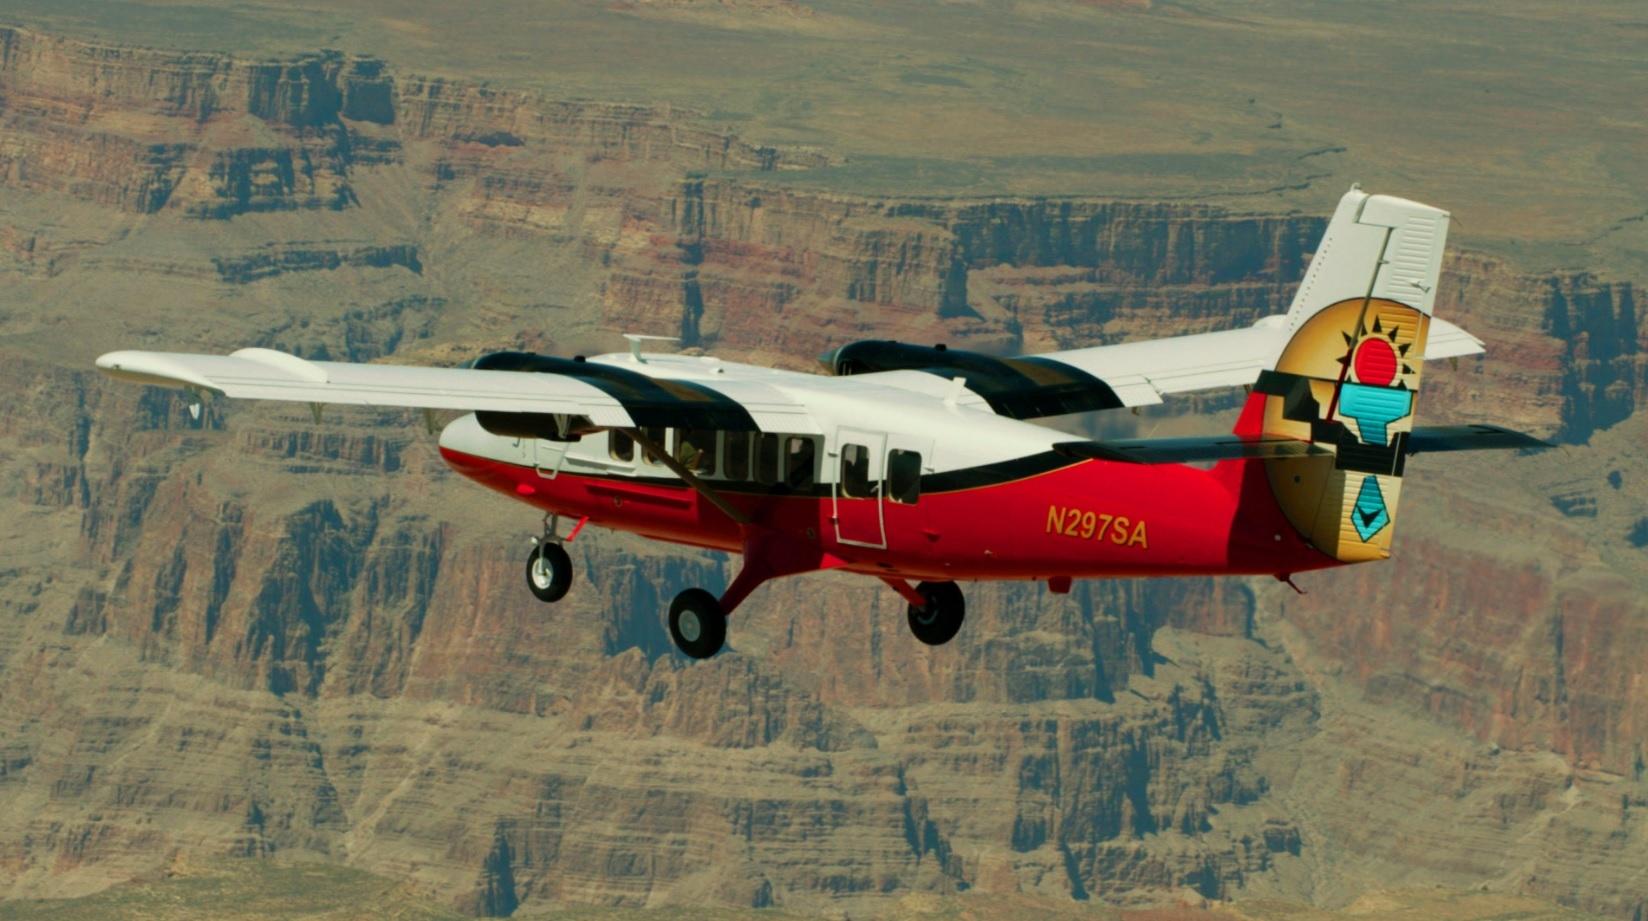 ヘリ/飛行機ツアー